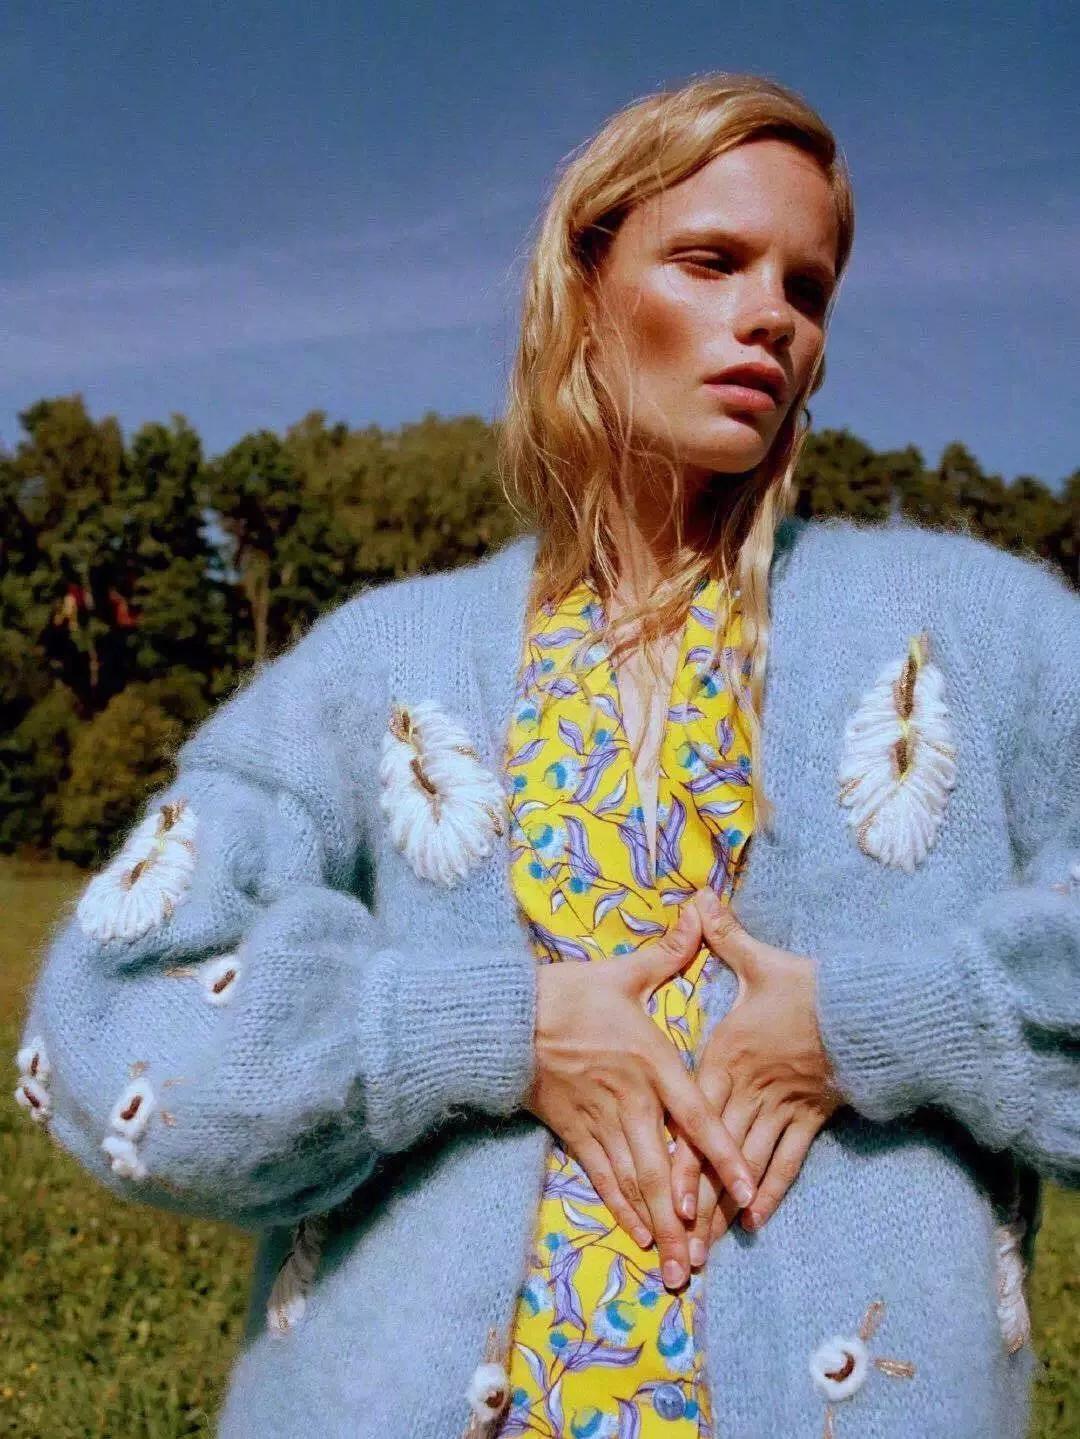 别只穿裤子了!厚外套+裙子才是今冬最时髦搭配,穿上稳赢